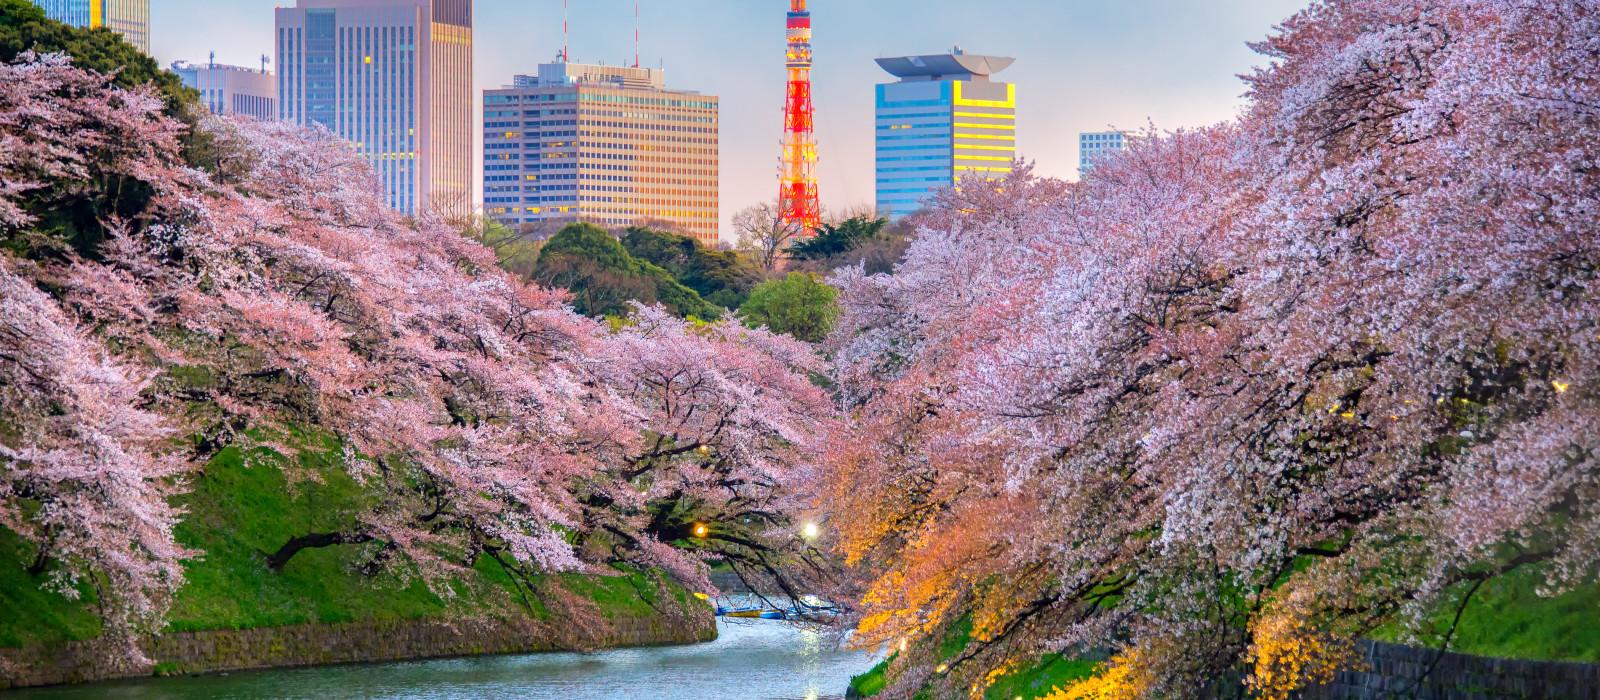 Japan für Einsteiger – Tokio, Fuji & Kyoto Urlaub 1